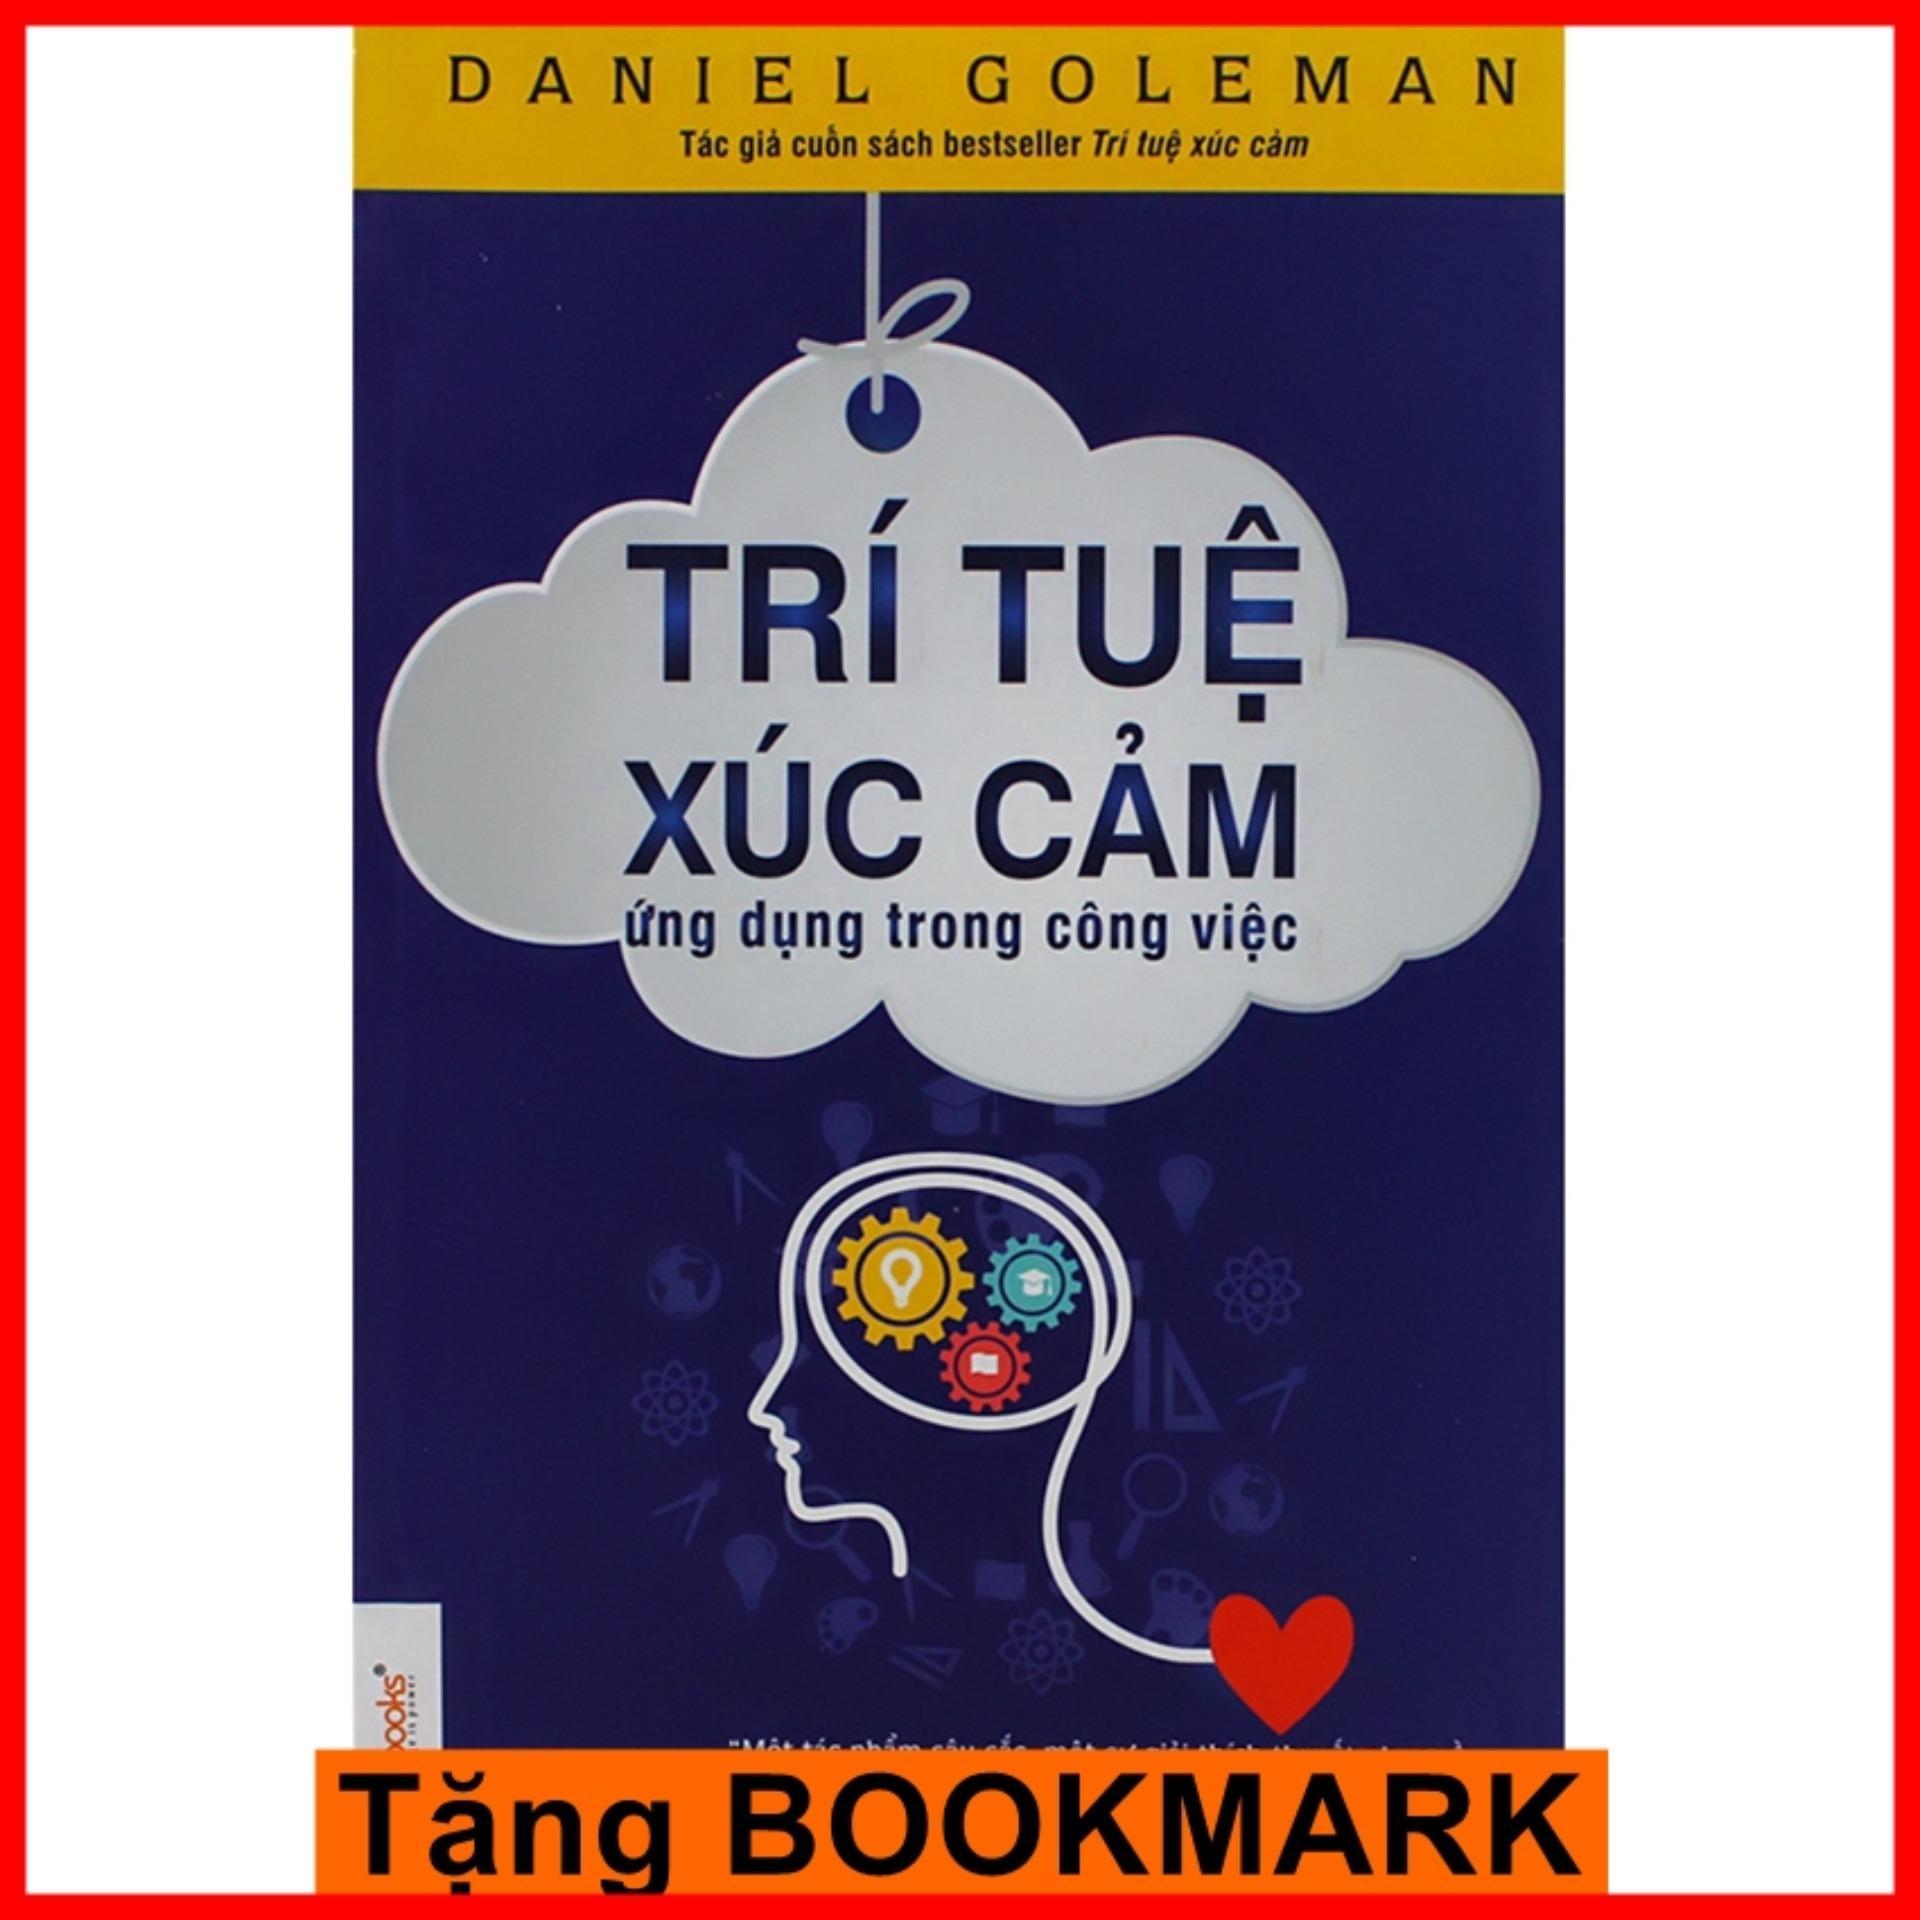 Mua Trí Tuệ Xúc Cảm Ứng Dụng Trong Công Việc + Tặng kèm Bookmark